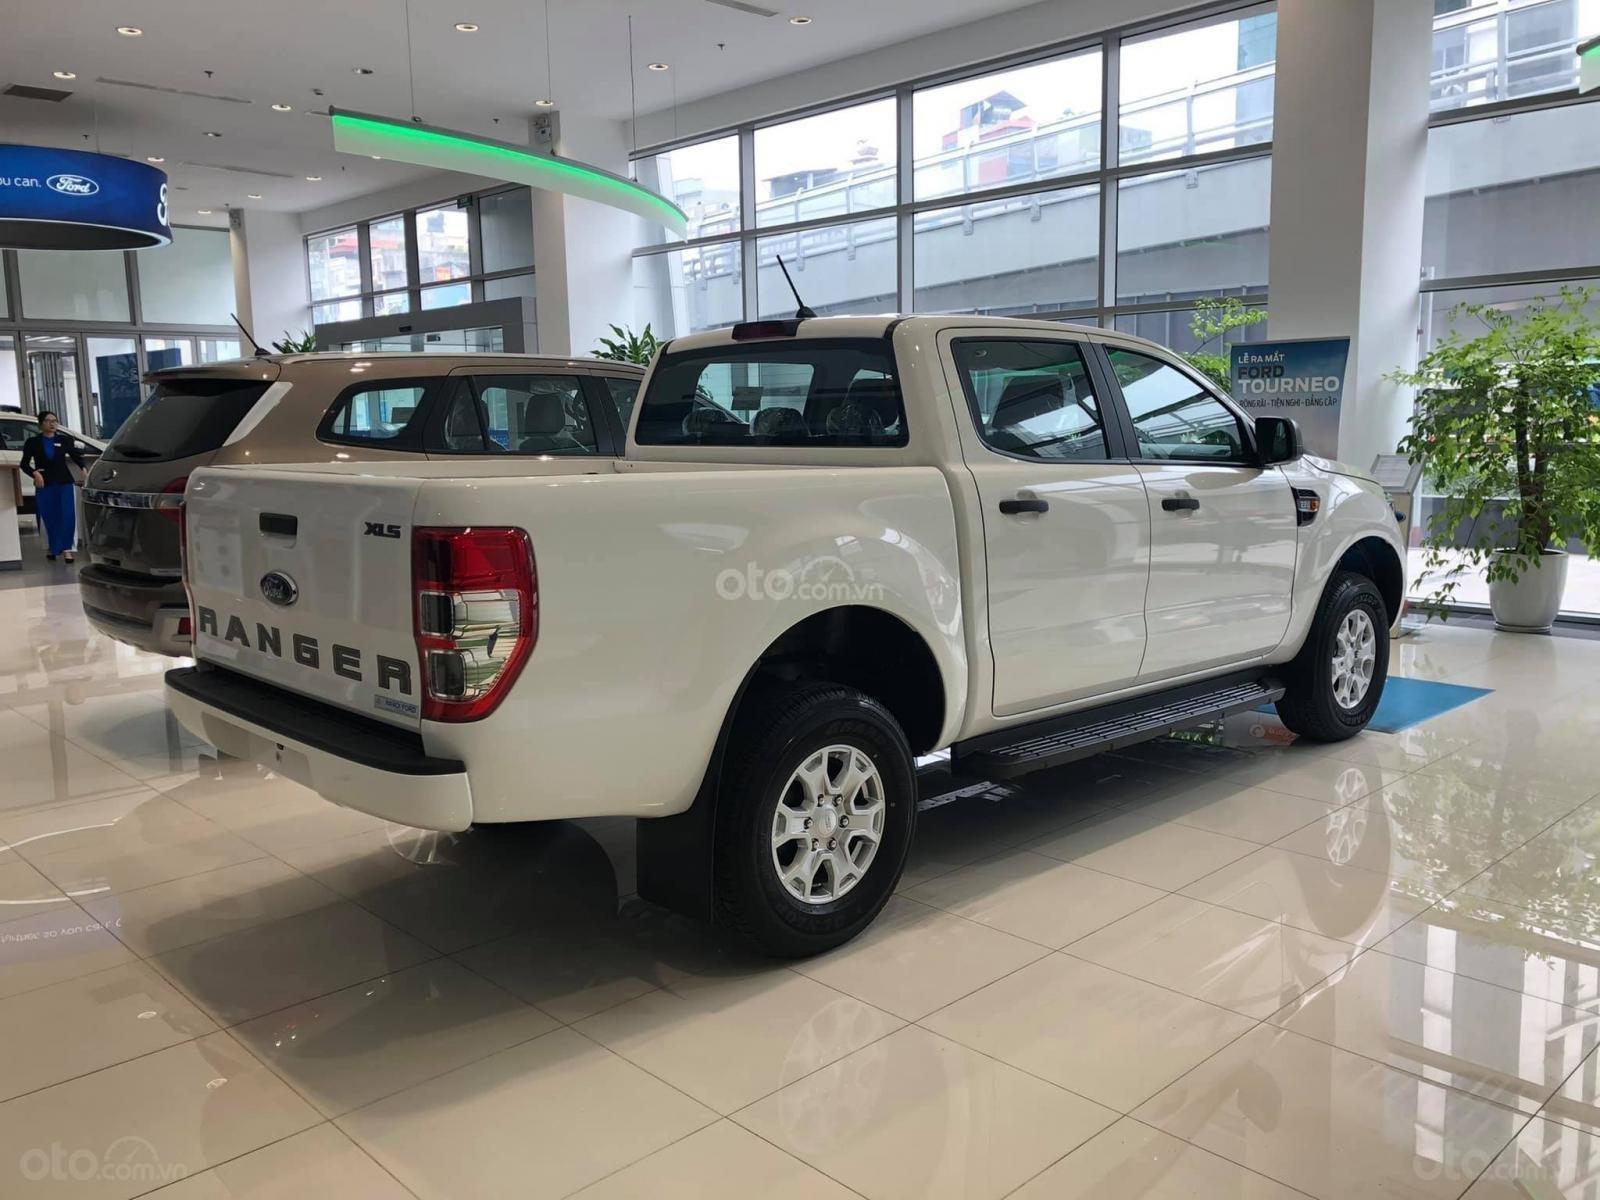 Suối Tiên Ford - Q9 - Ford Ranger XLS AT 2021 ưu đãi lớn giảm ngay tiền mặt + hàng loạt quà tặng kèm theo (5)